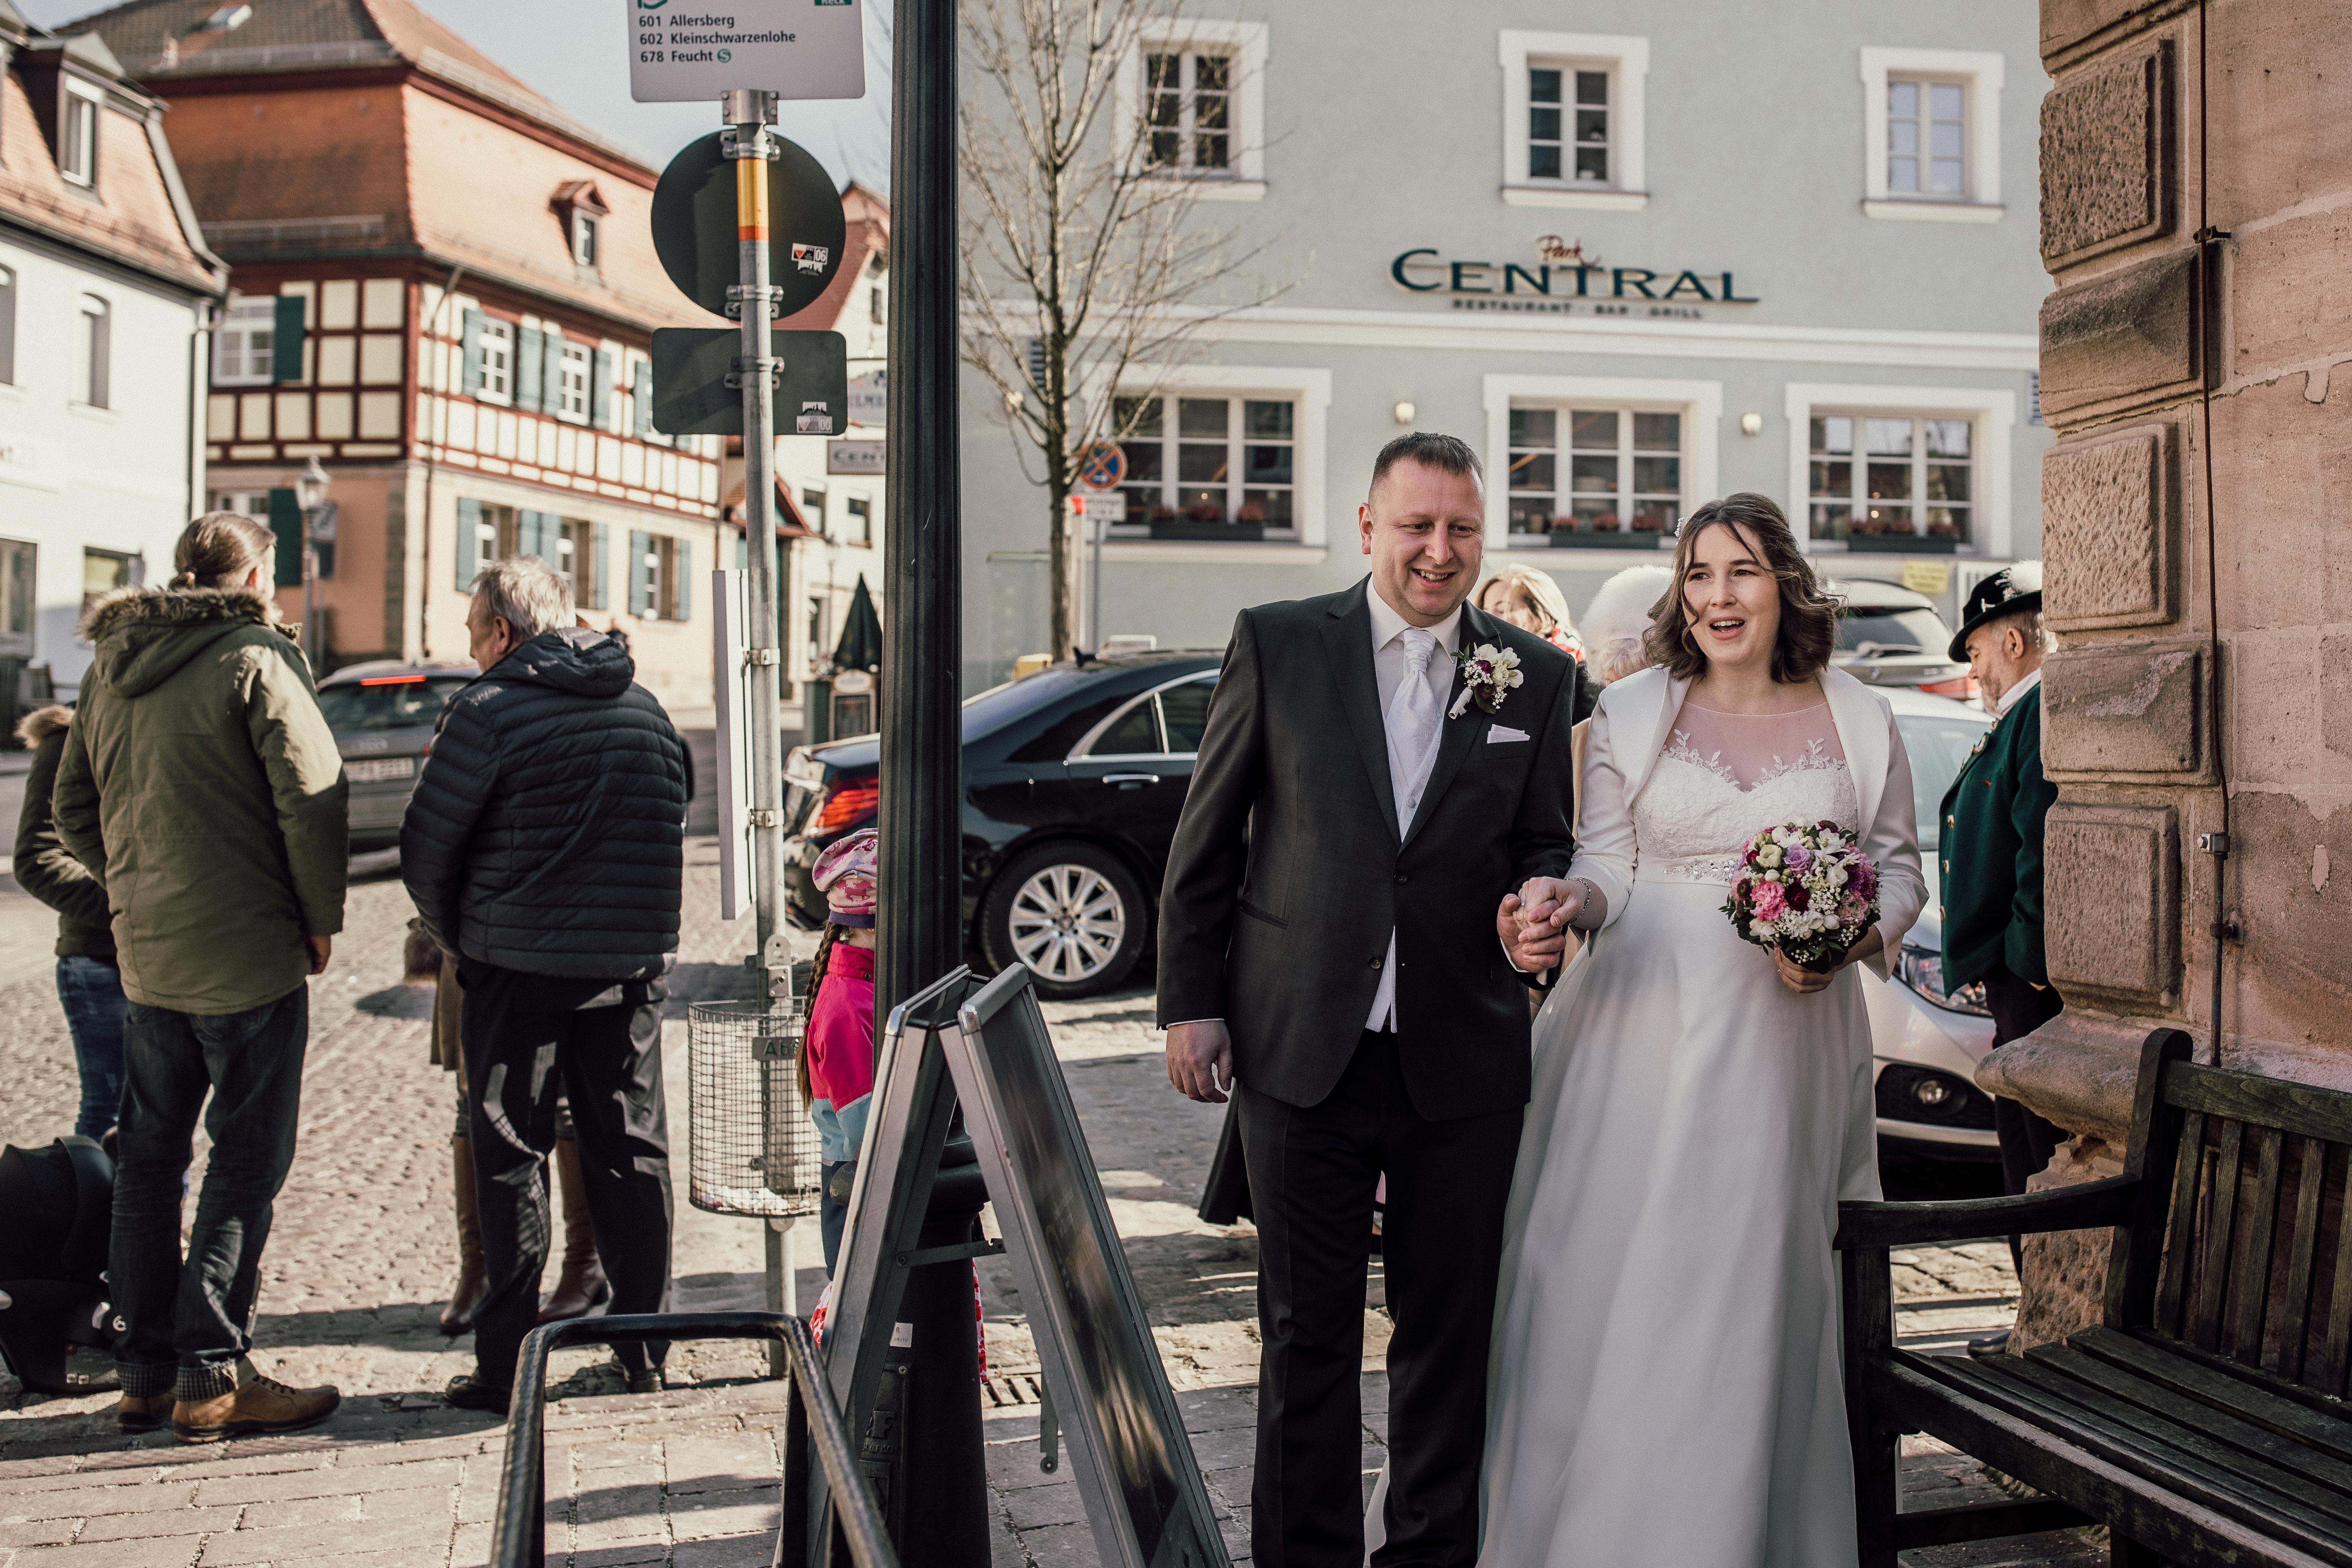 URBANERIE_Daniela_Goth_Hochzeitsfotografin_Nürnberg_Fürth_Erlangen_Schwabach_180223_0182